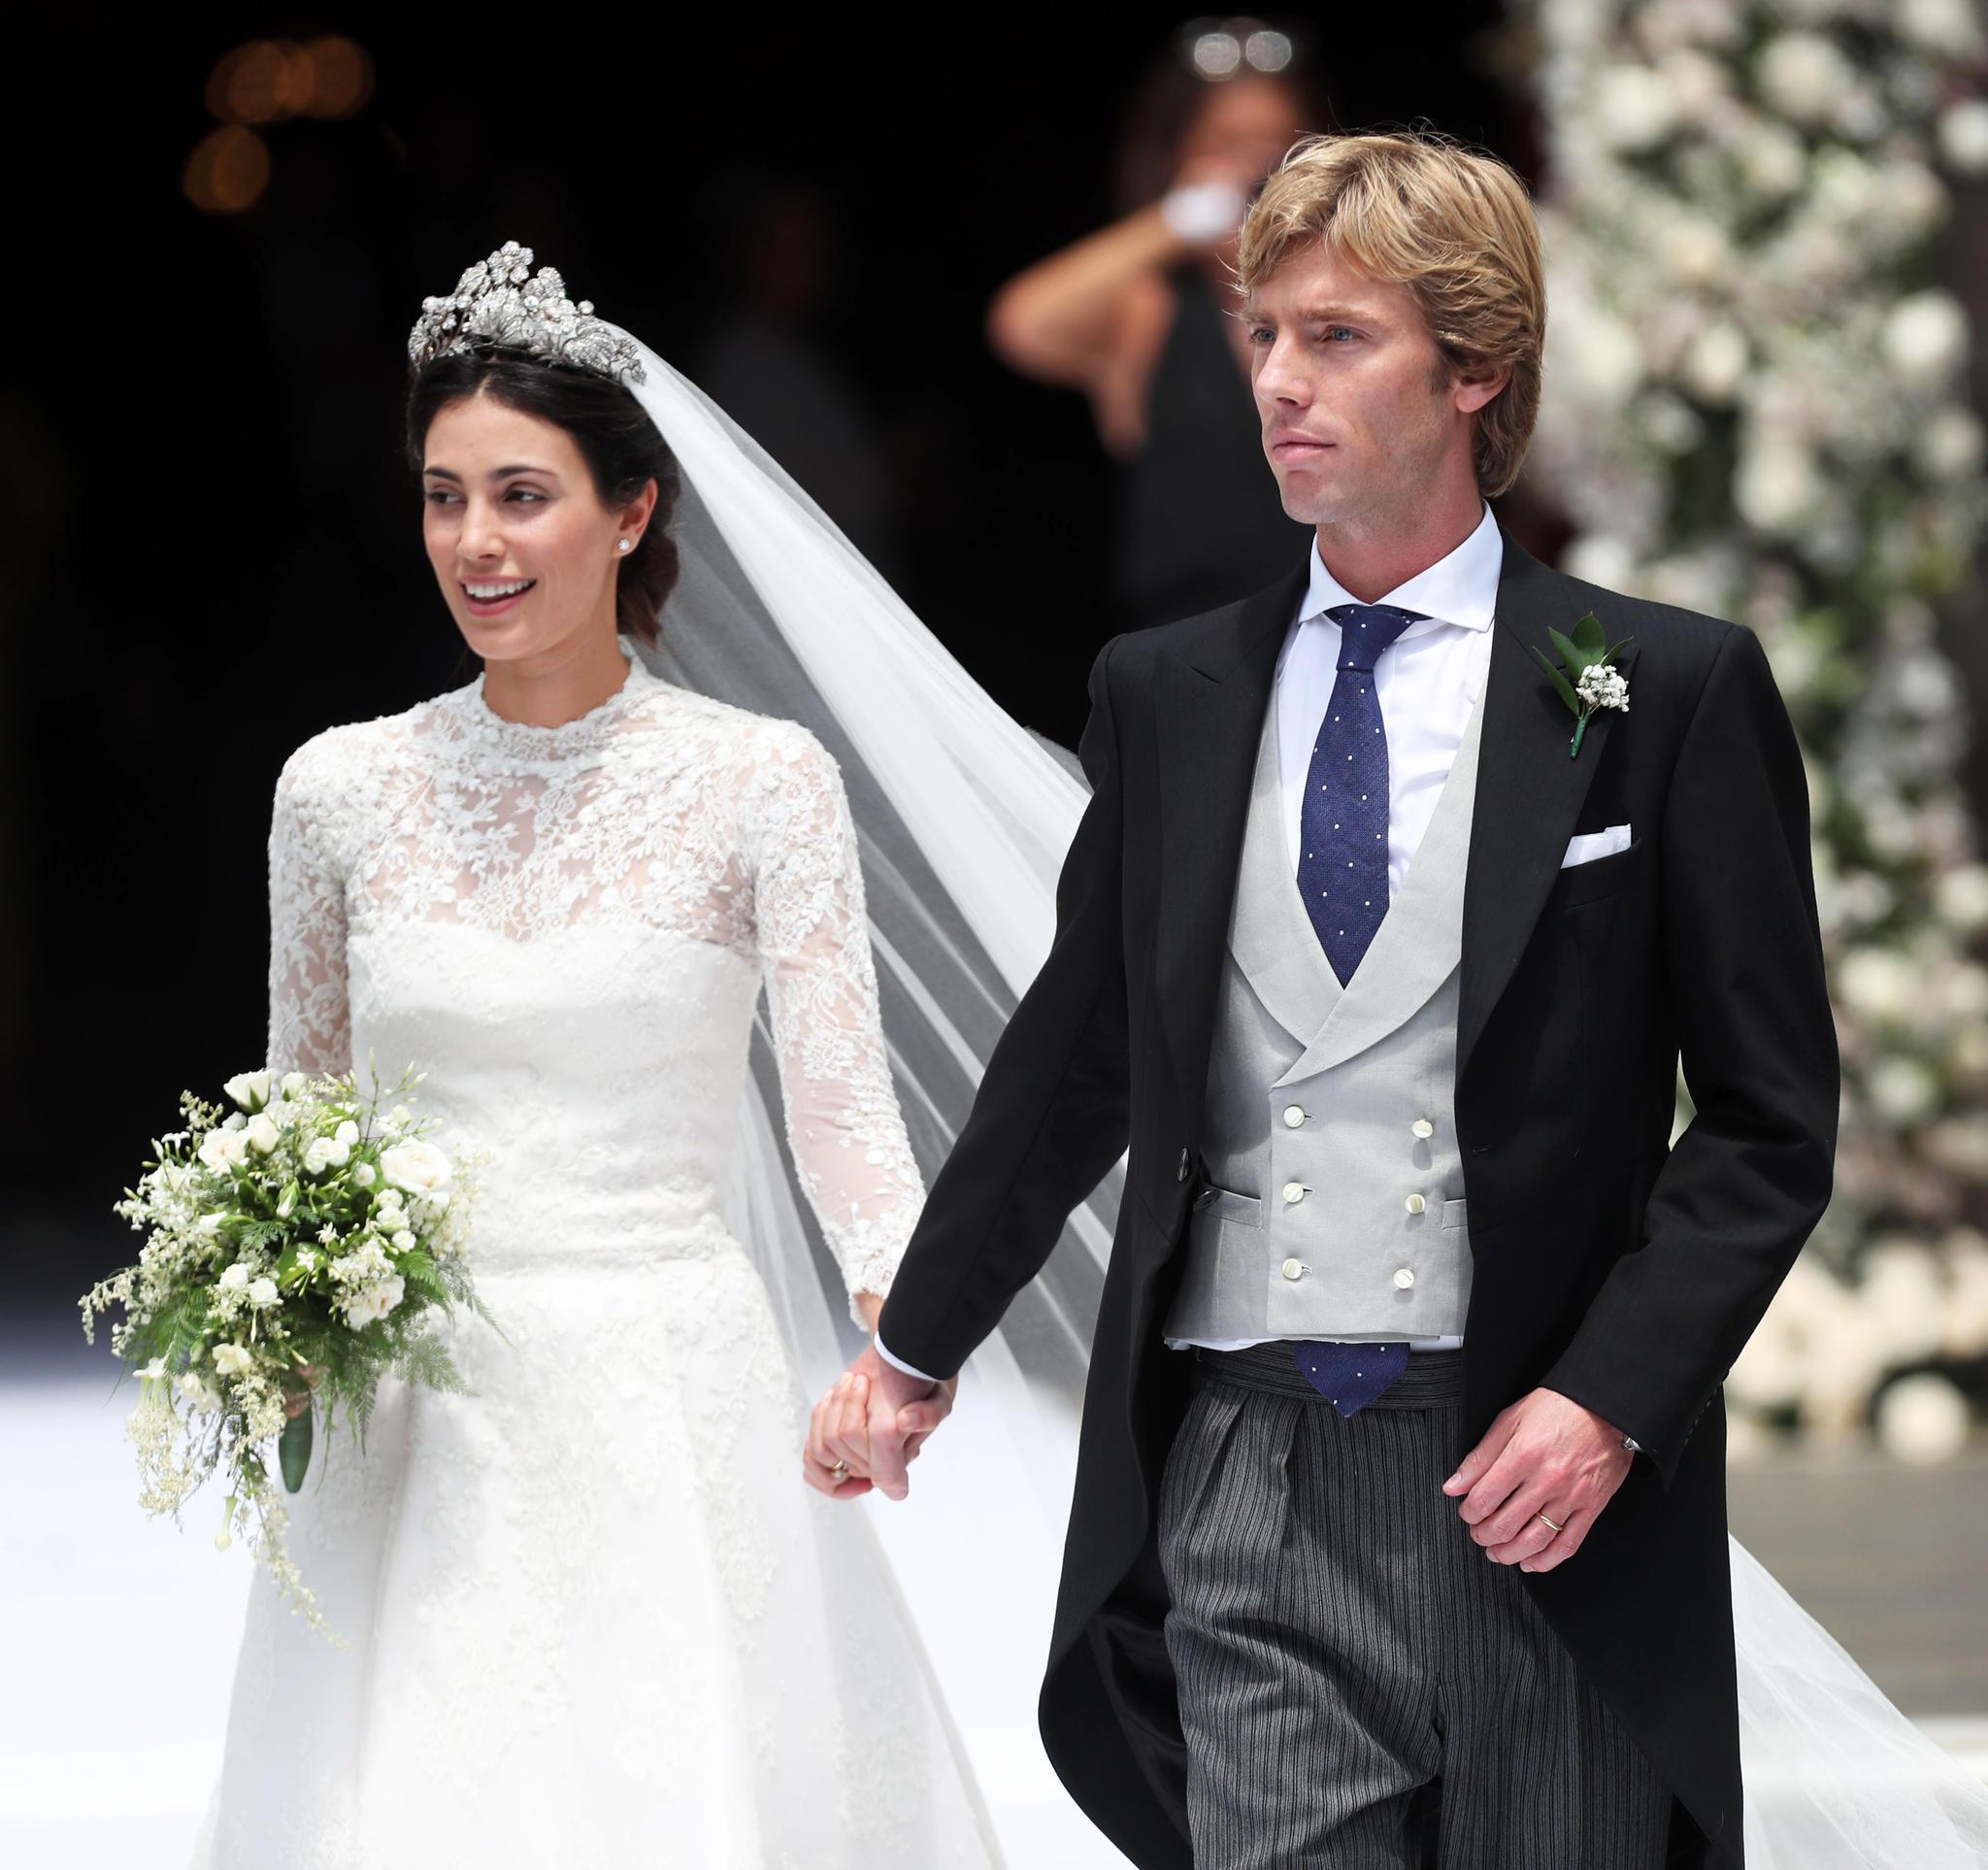 Prinz Christian von Hannover hat in Peru geheiratet